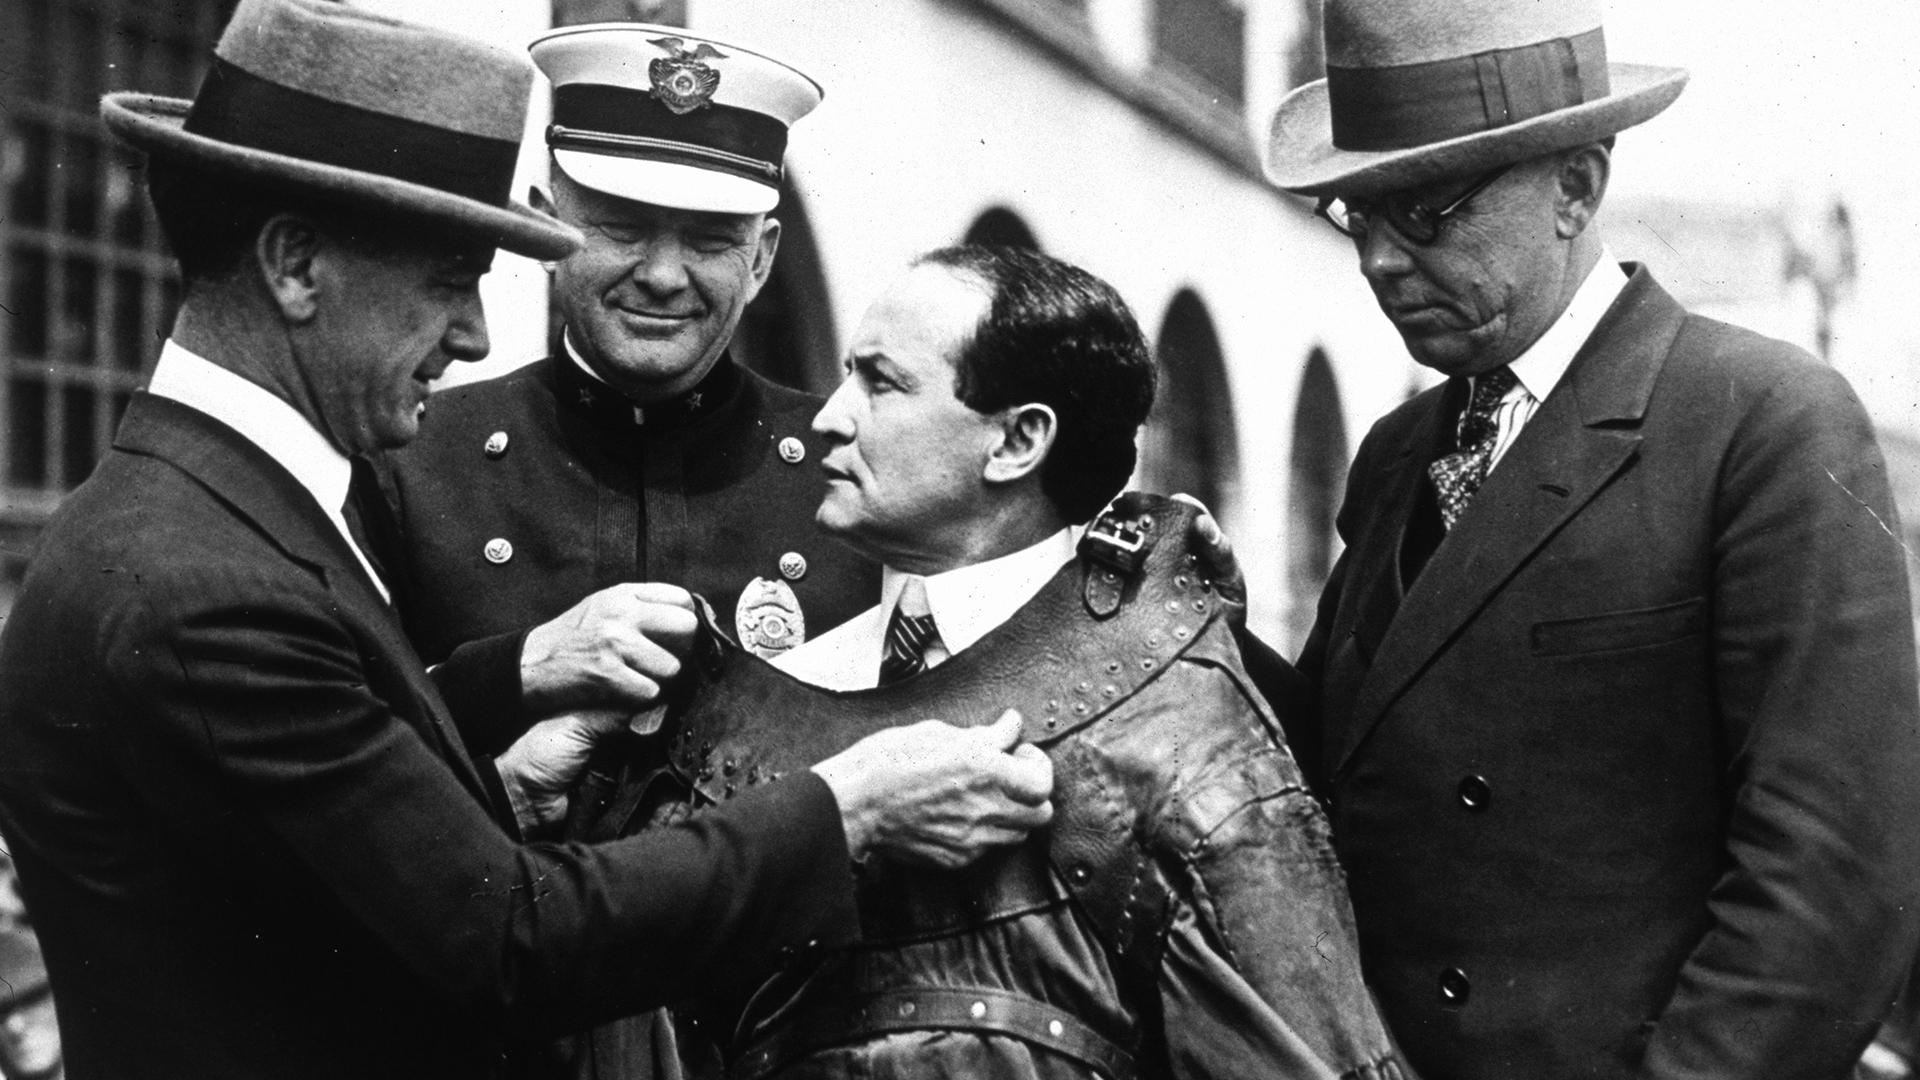 A tapéta alól kerültek elő az értékes Houdini-plakátok